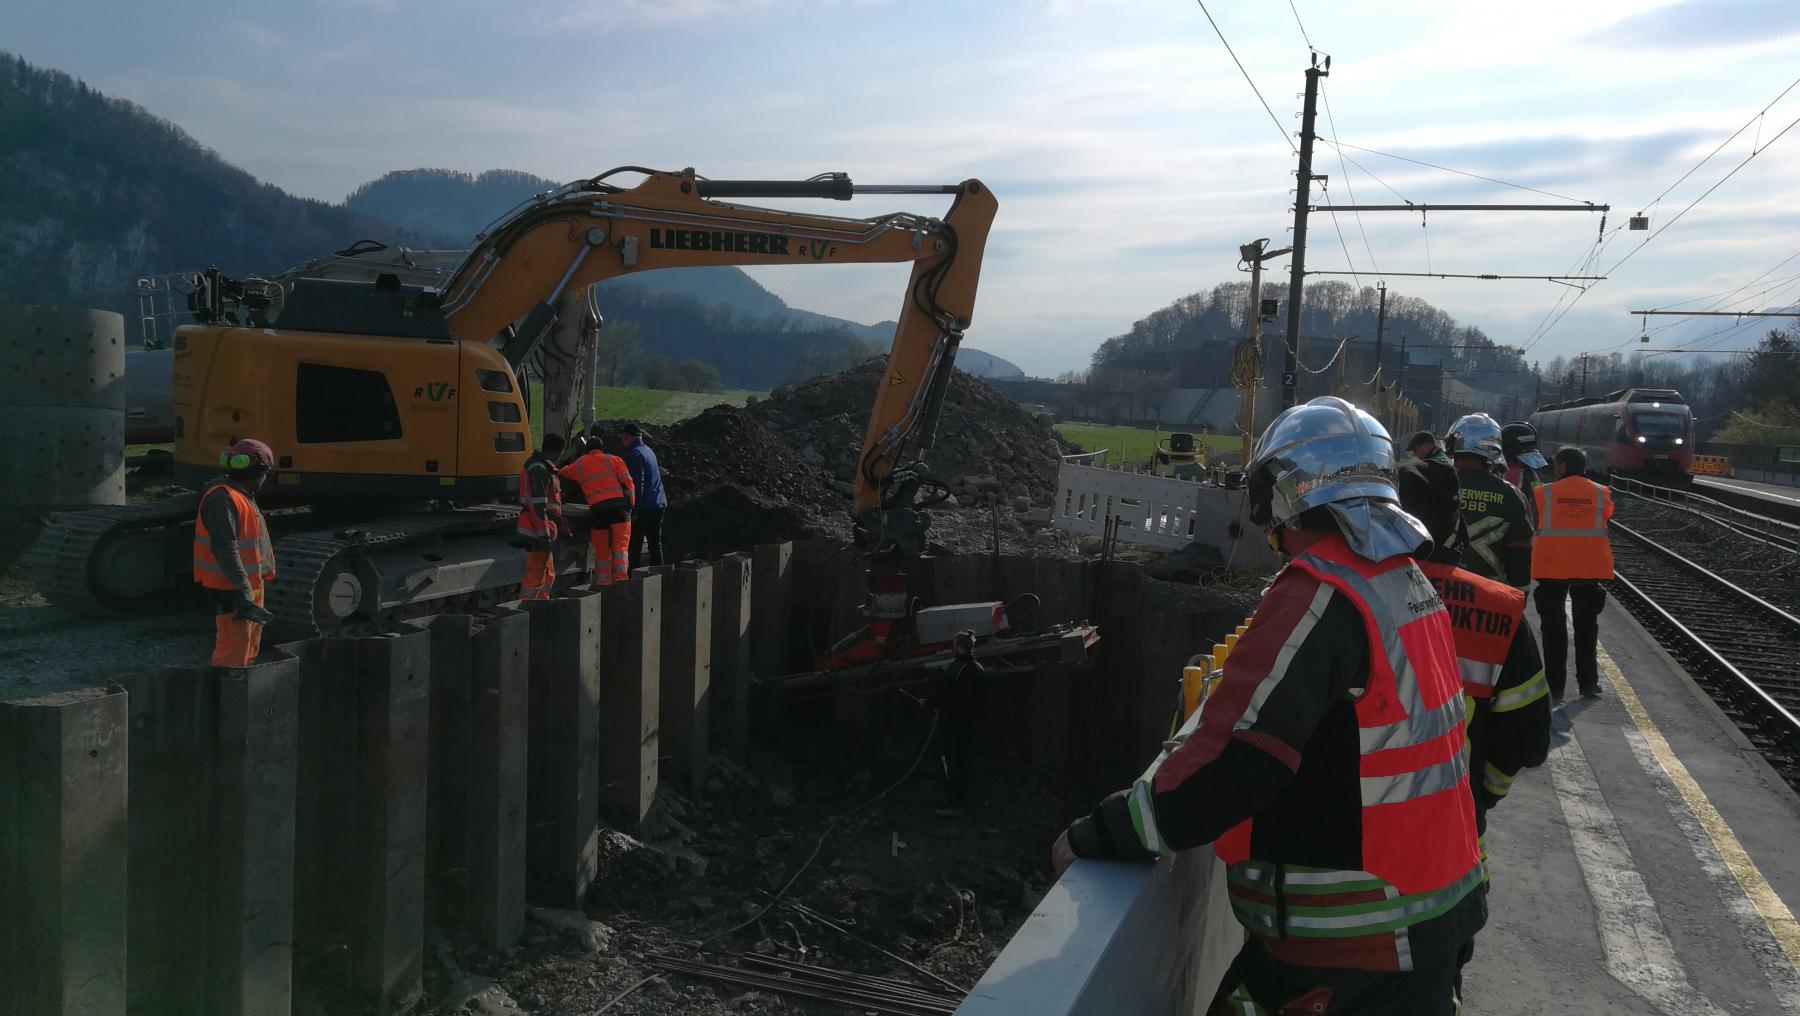 20200325-E-4-Altach-Gasaustritt